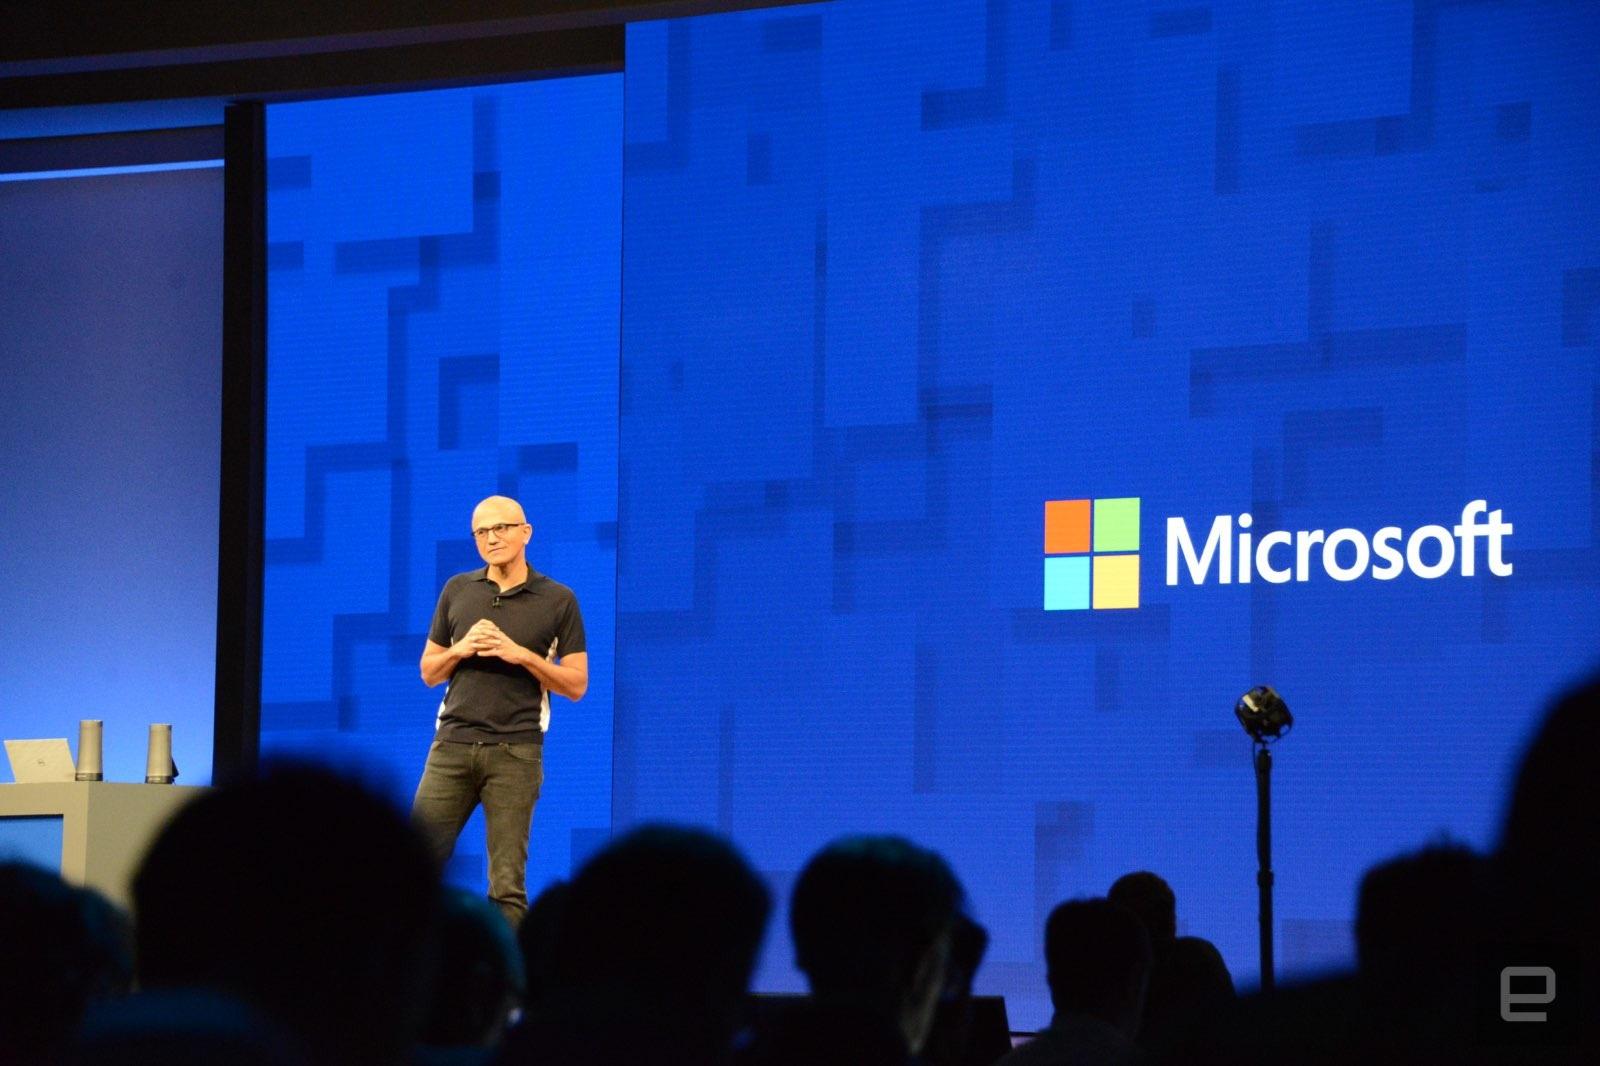 اعلام نیم میلیاردی شدن کاربران ویندوز ۱۰ در کنفرانس مایکروسافت بیلد ۲۰۱۷